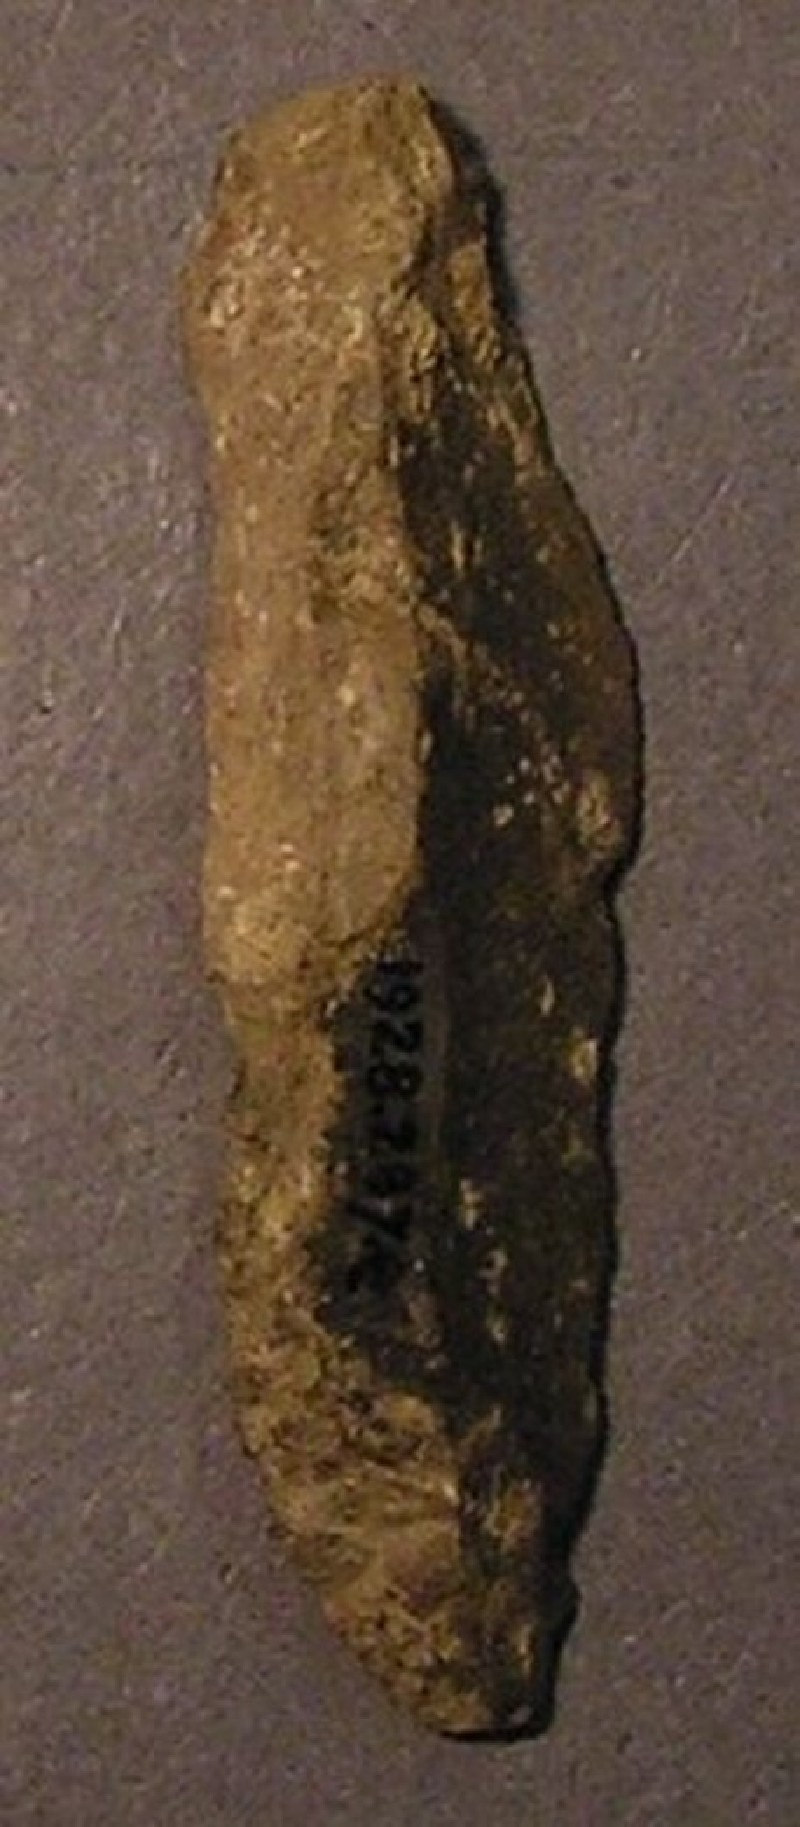 (AN1928.287.e, record shot)